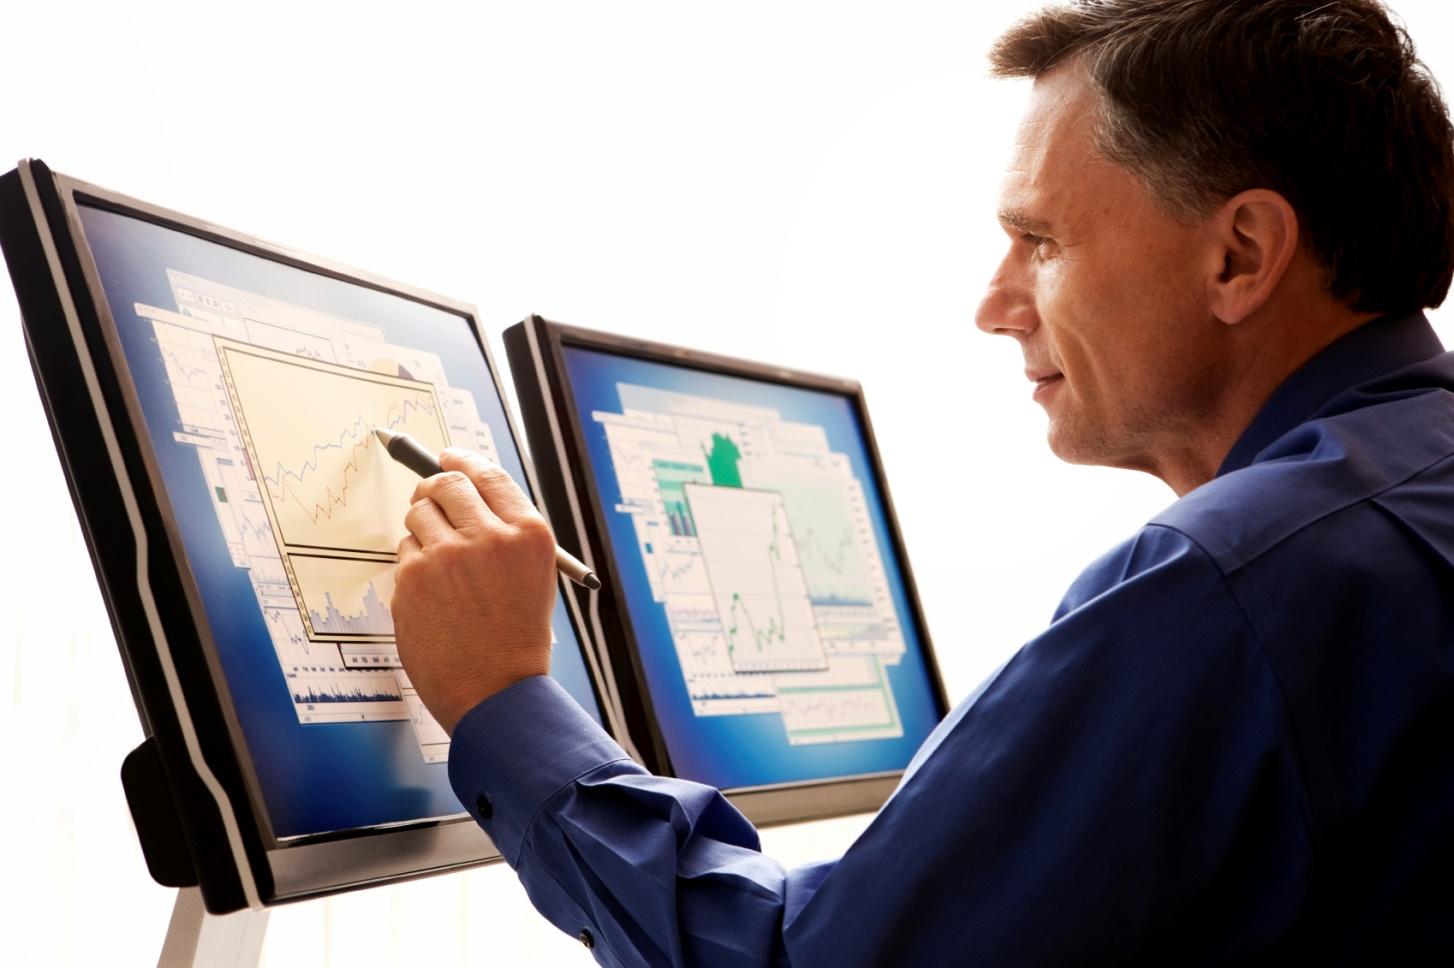 Терминал OptionTrader, инструкция по работе с программой для торговли бинарными опционами